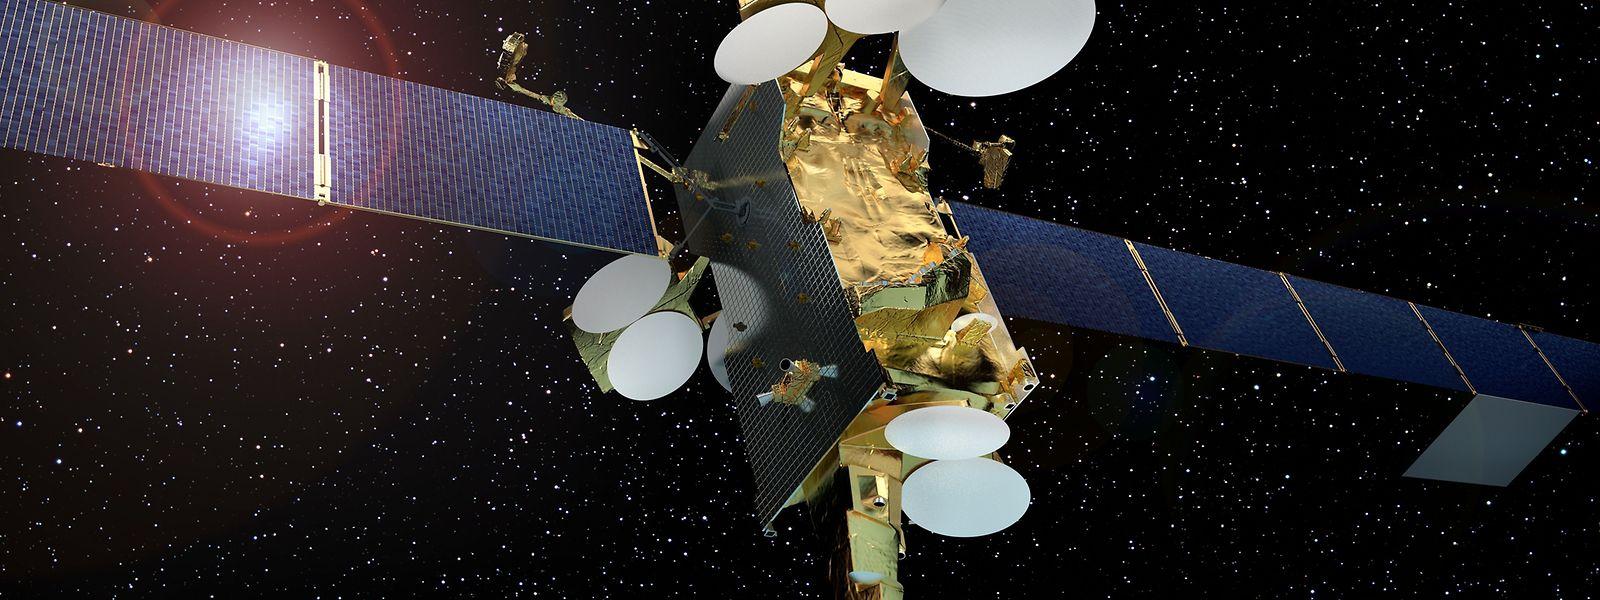 Luxemburg zu einem der führenden Akteure in der Weltraumindustrie zu machen, war eines der Herzensprojekte des früheren Wirtschafts- und Verteidigungsministers Etienne Schneider.